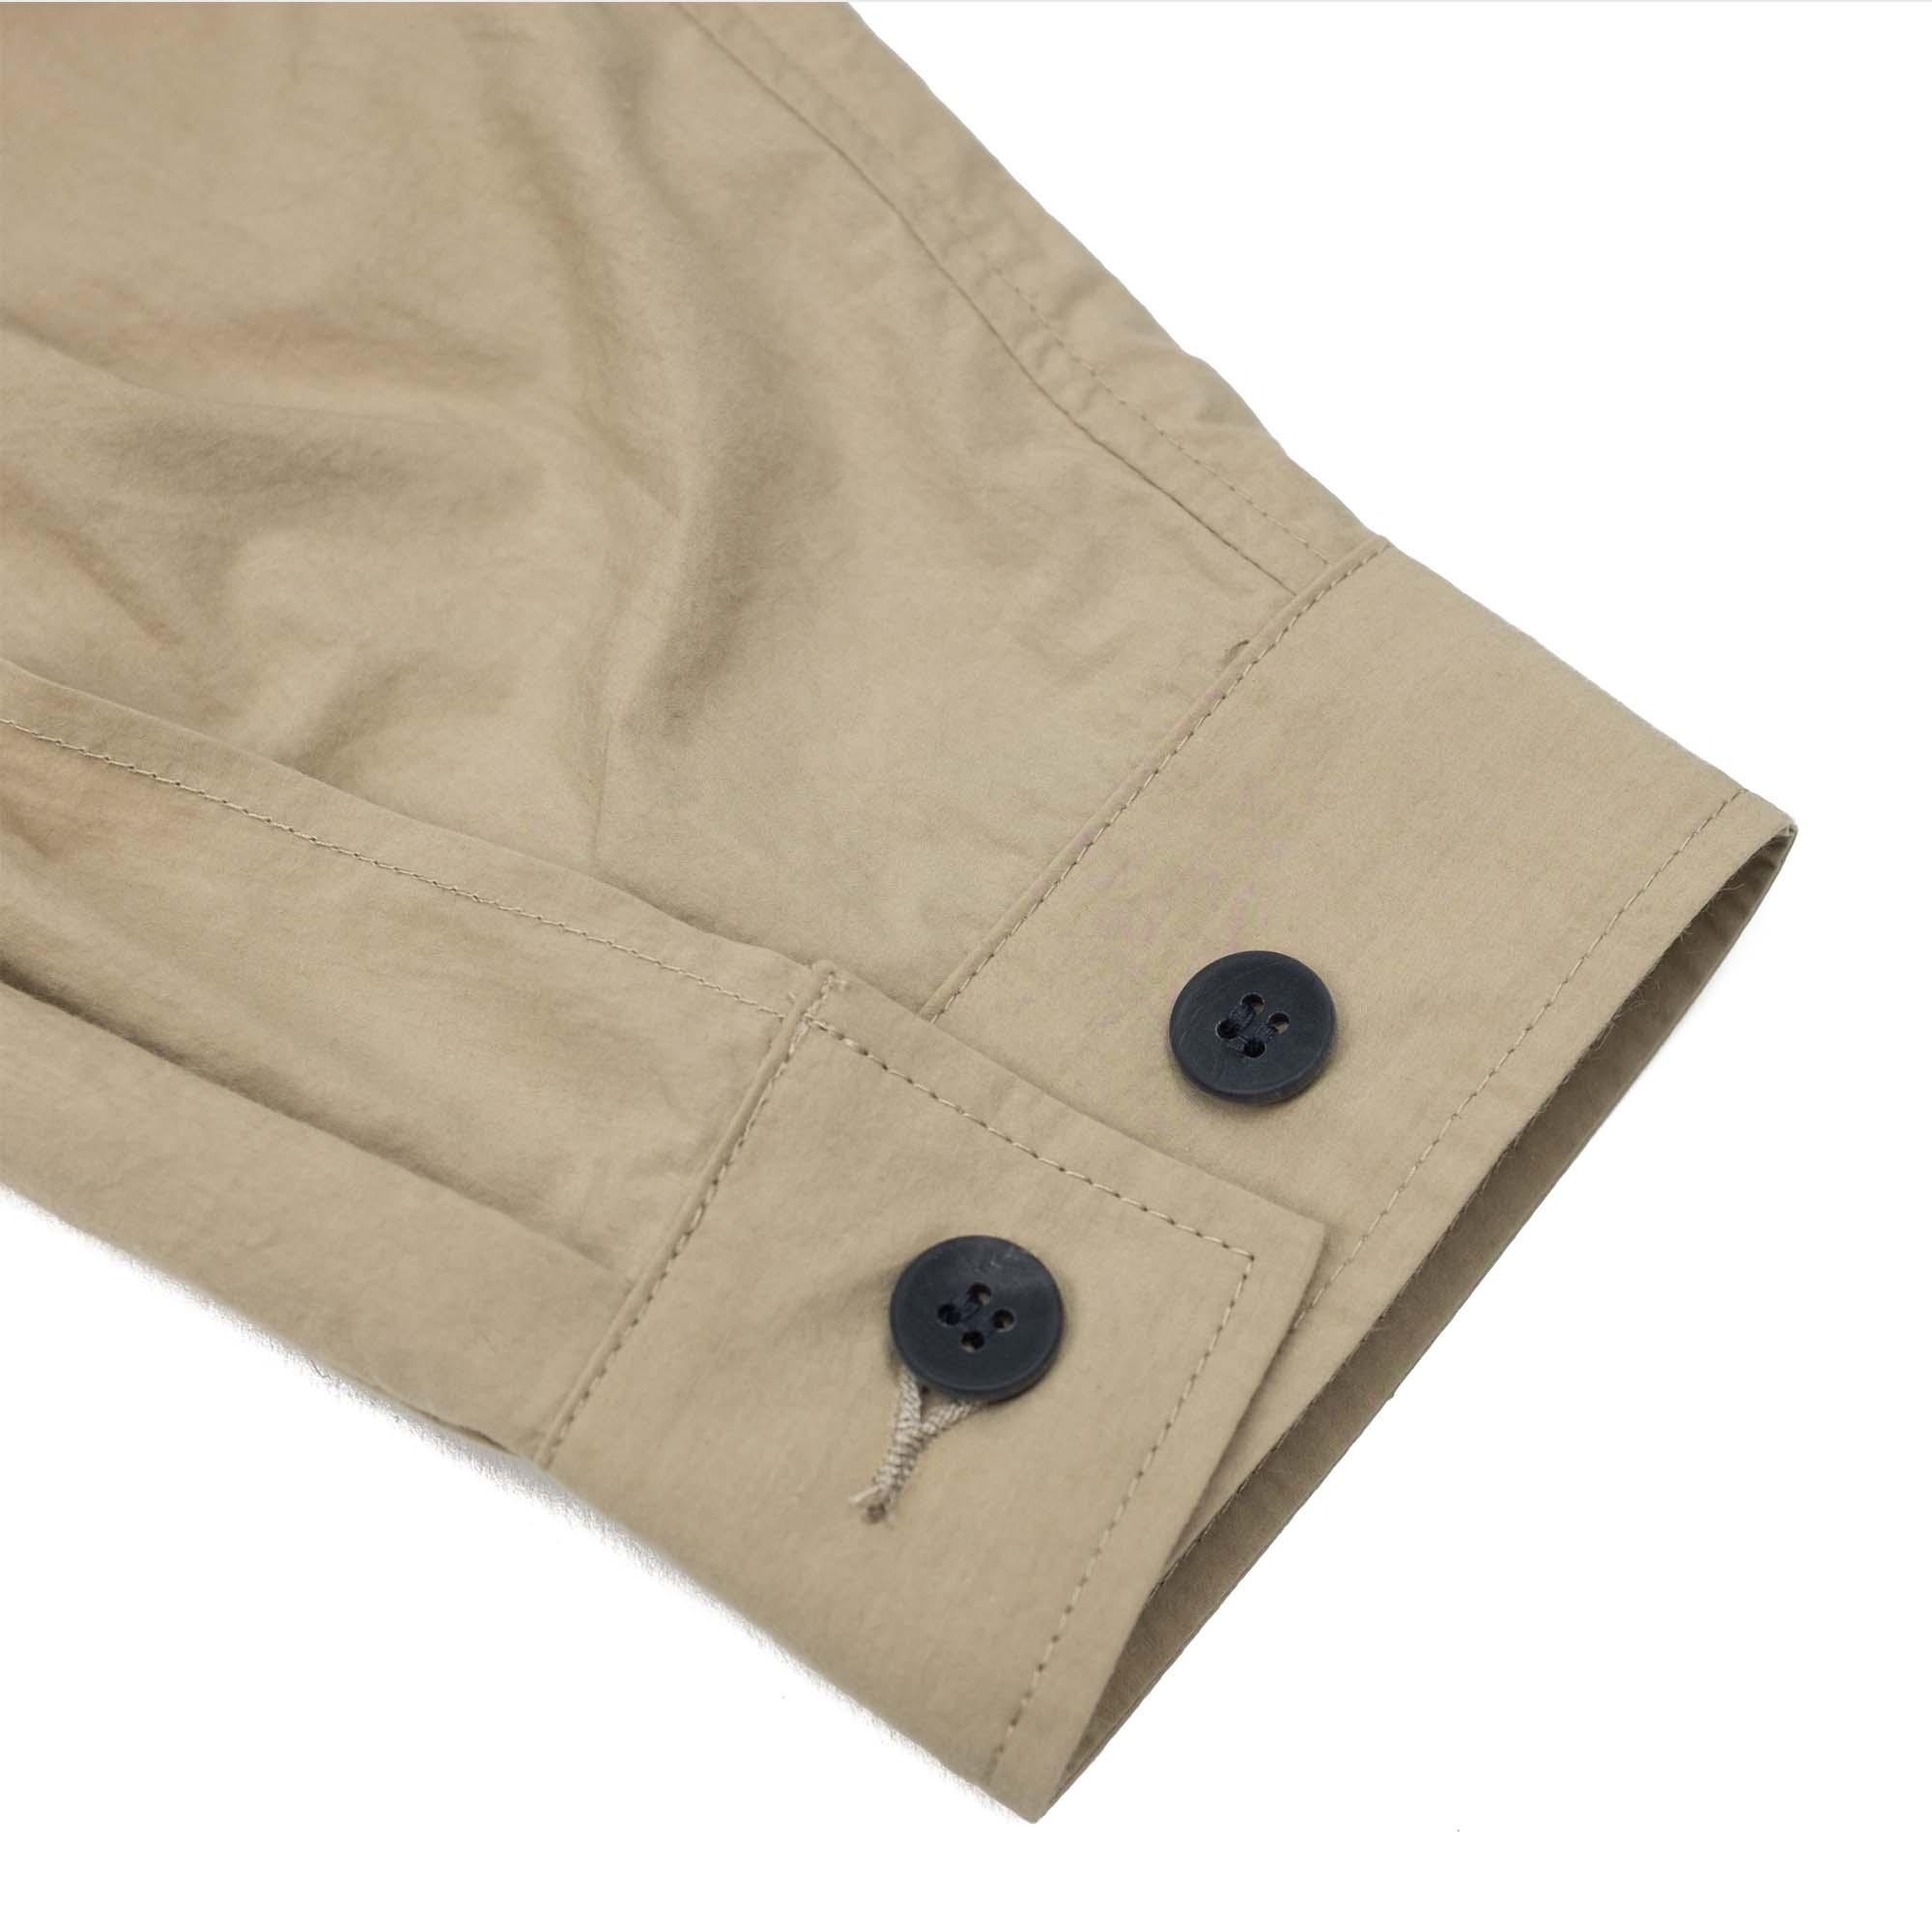 Kuro Zip Up Shirt Jacket - Beige